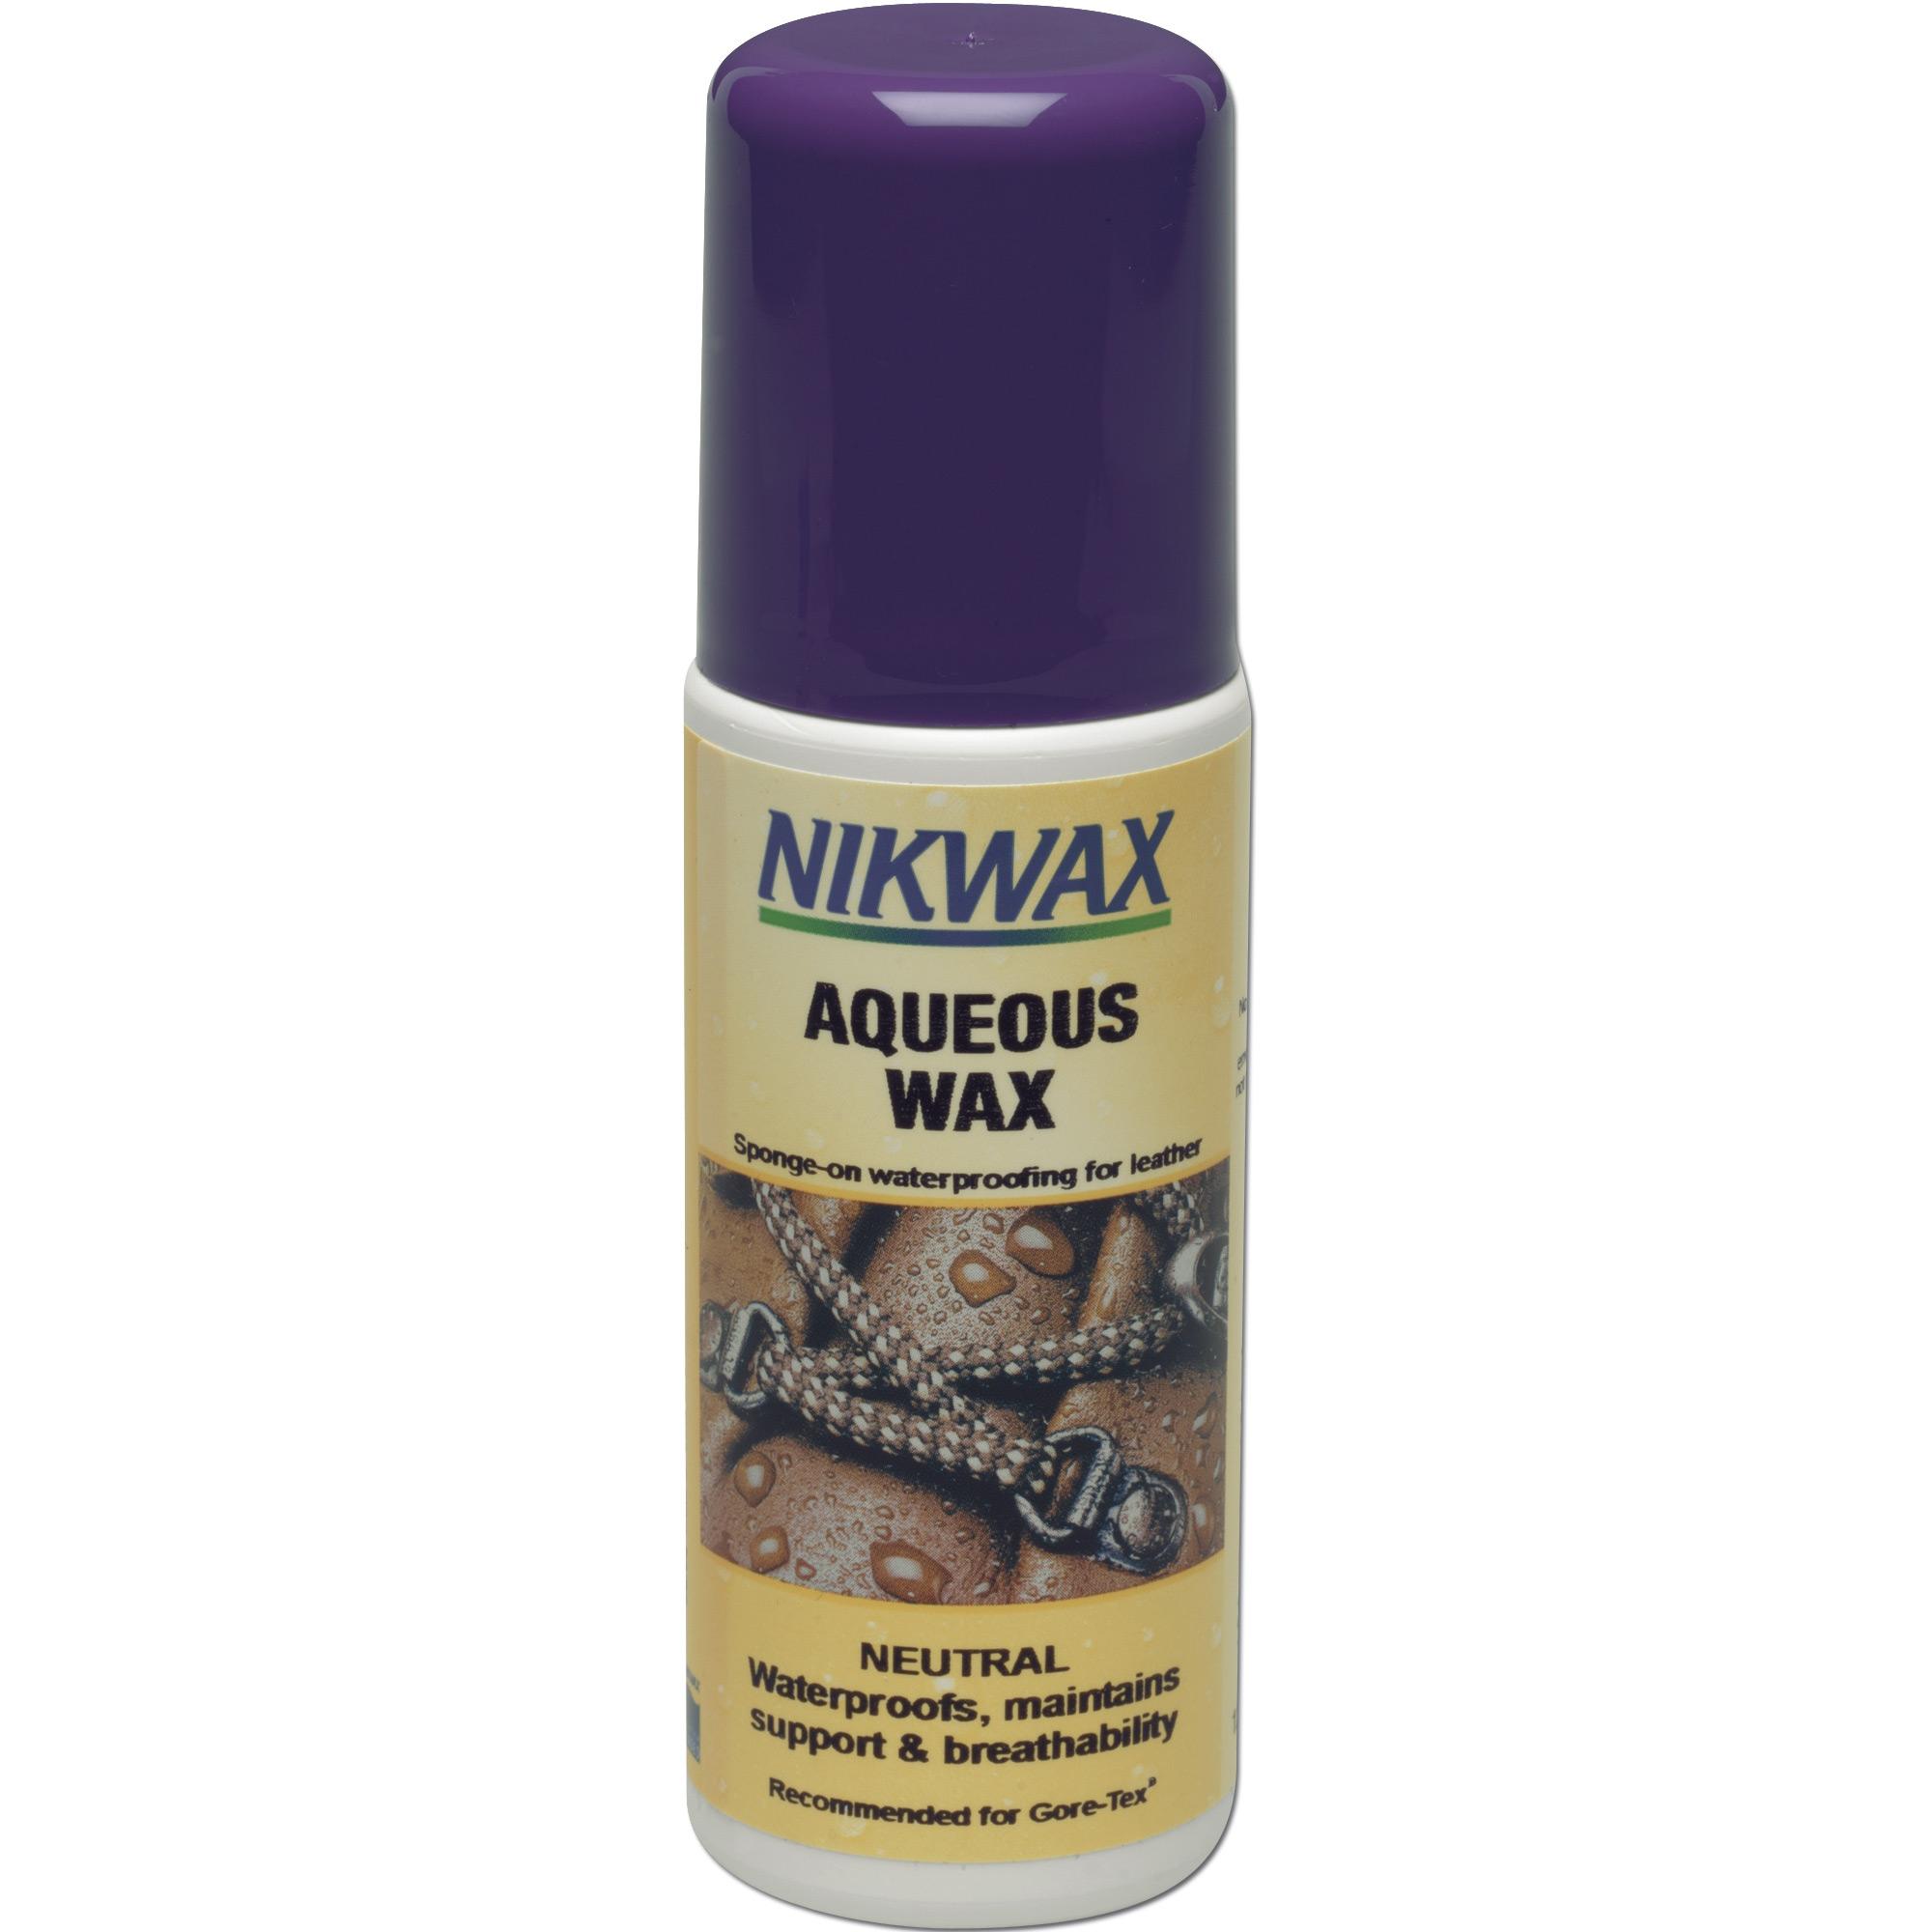 NikWax Aqueous Wax Neutral